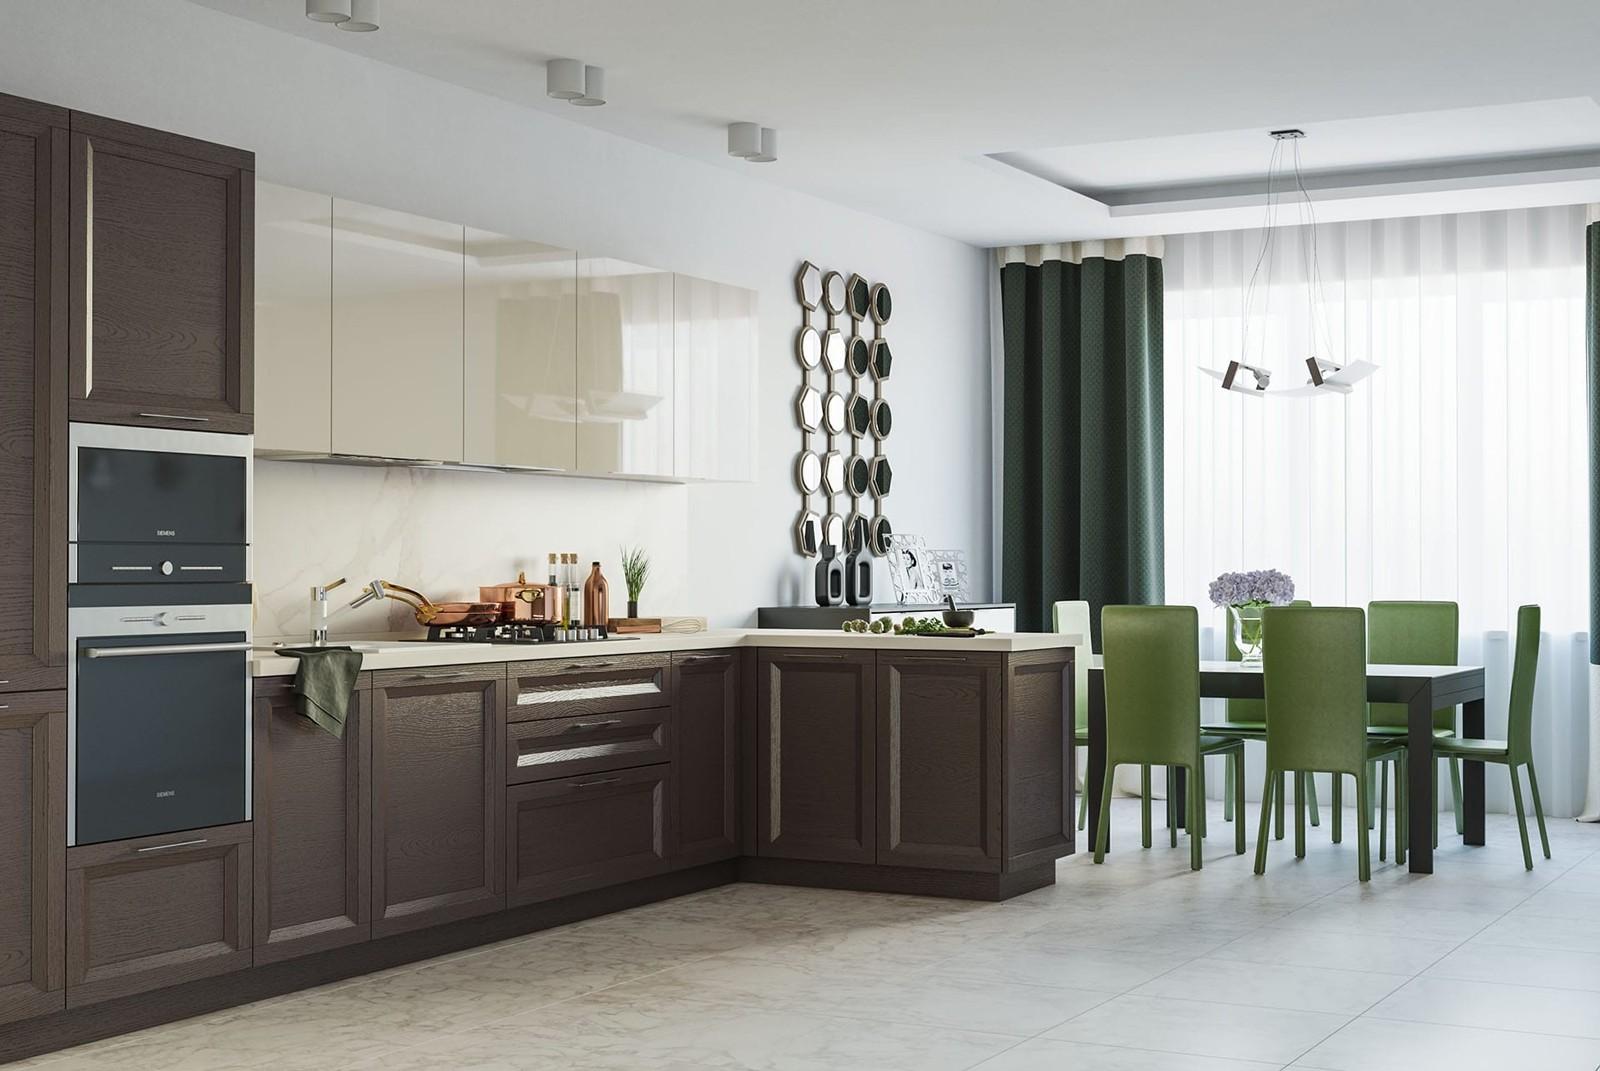 Full Size of Küche Ohne Geräte Kaufen Roller Küche Ohne Geräte U Form Küche Ohne Geräte Moderne Küche Ohne Geräte Küche Küche Ohne Geräte